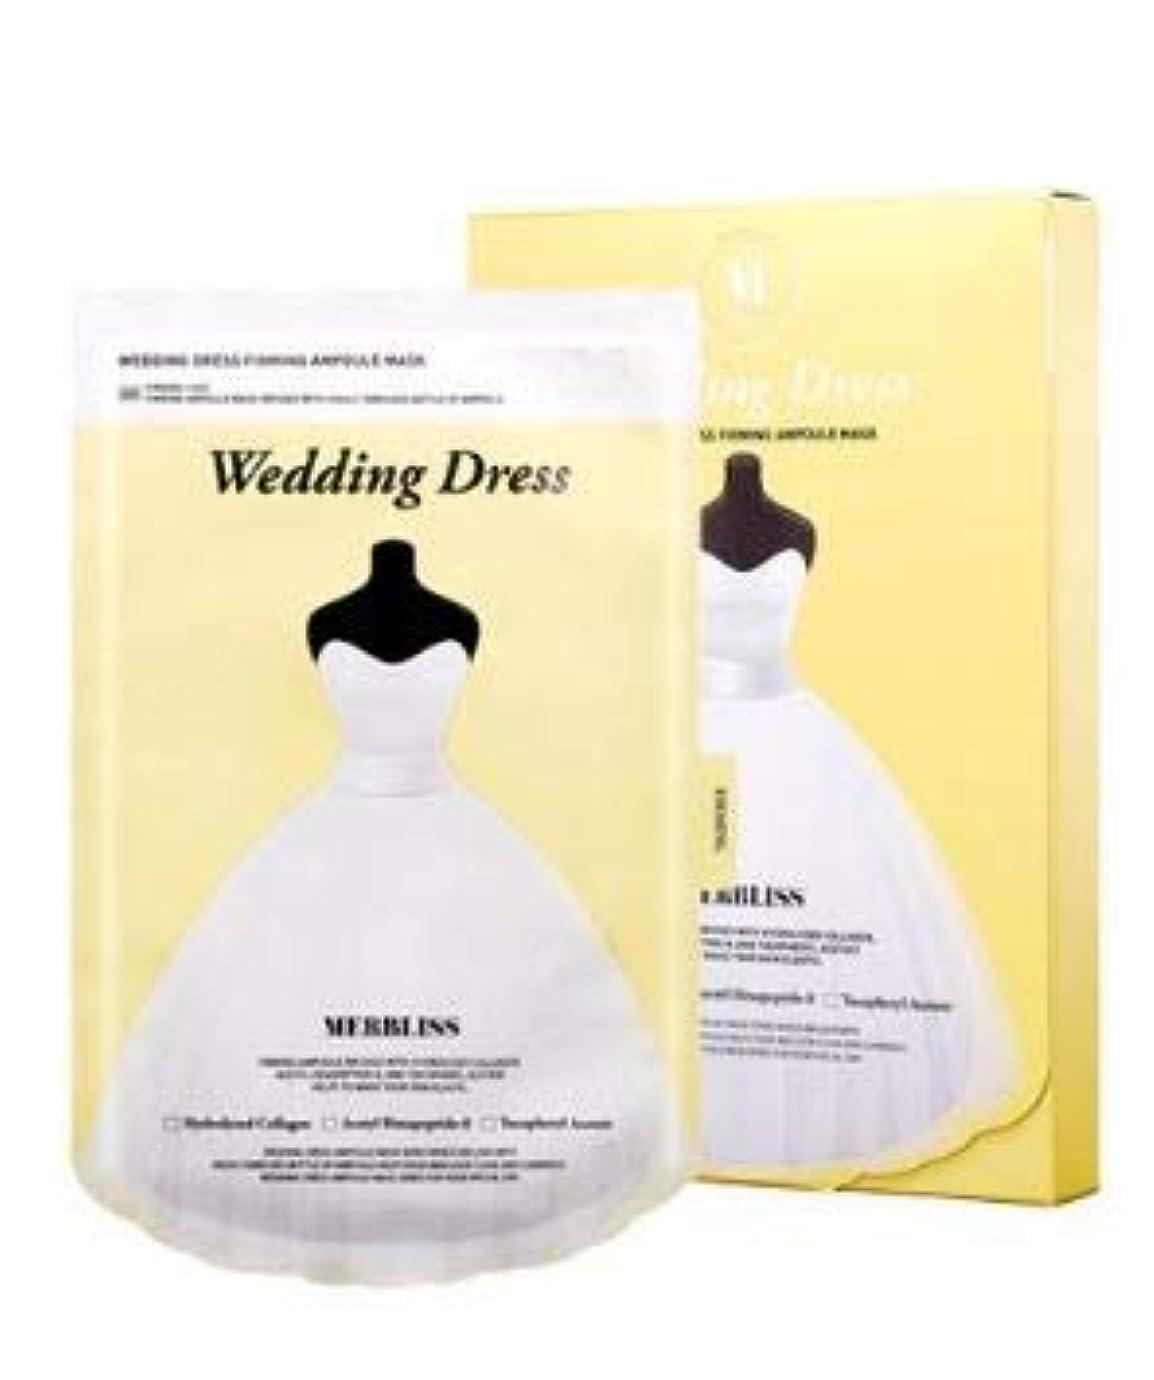 バウンド突然グレー[Merbliss] Wedding Dress Firming Ampoule Mask 25gx5ea /ウェディングドレスファーミングアンプルマスク25gx5枚 [並行輸入品]